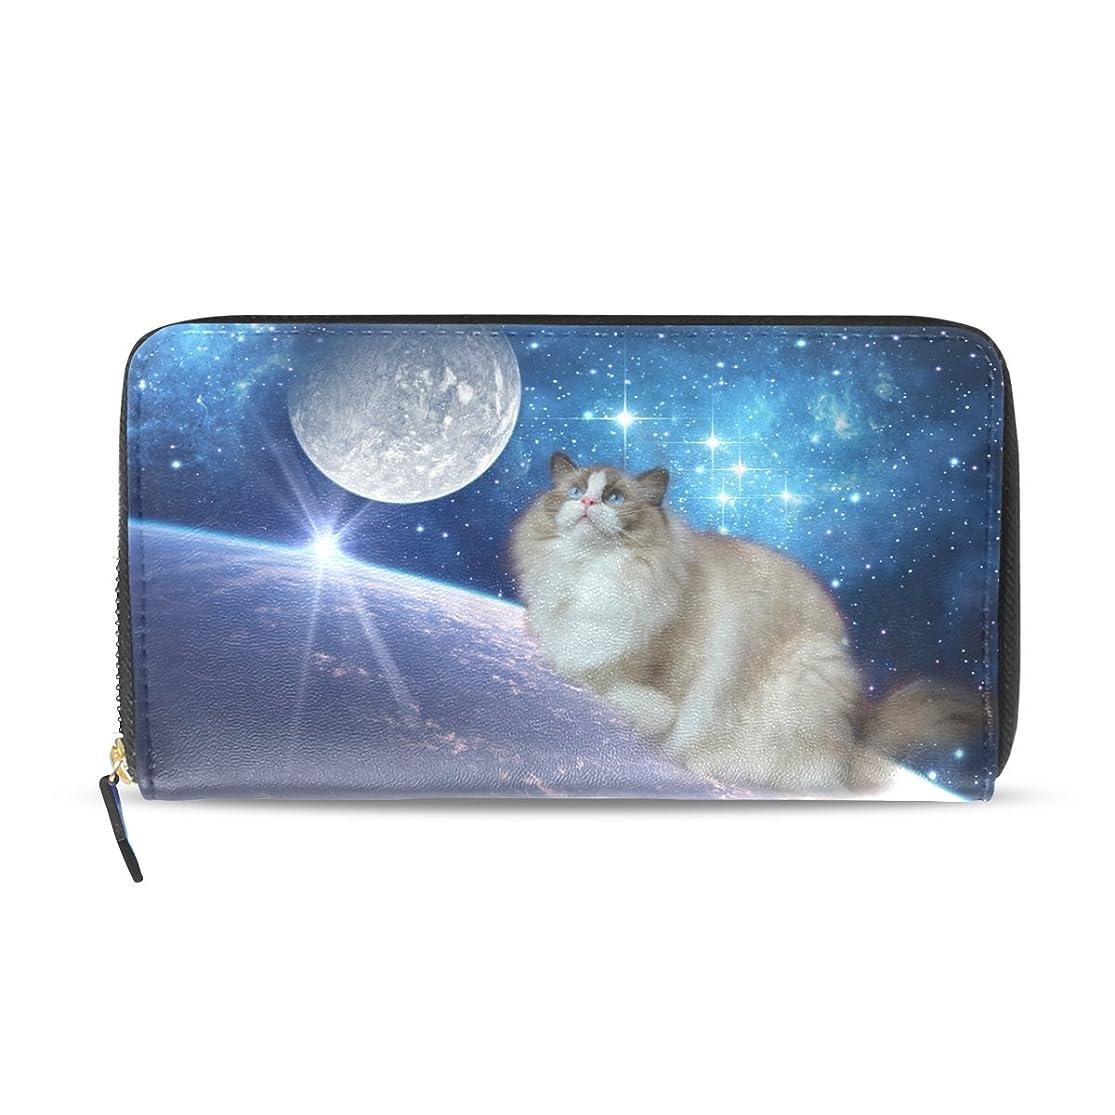 クラスハプニング化学GORIRA(ゴリラ) 眺めるラグドール かわいい猫 星空 長財布 レディース ダブルサイド印刷 ファスナー開閉式 ウォレット